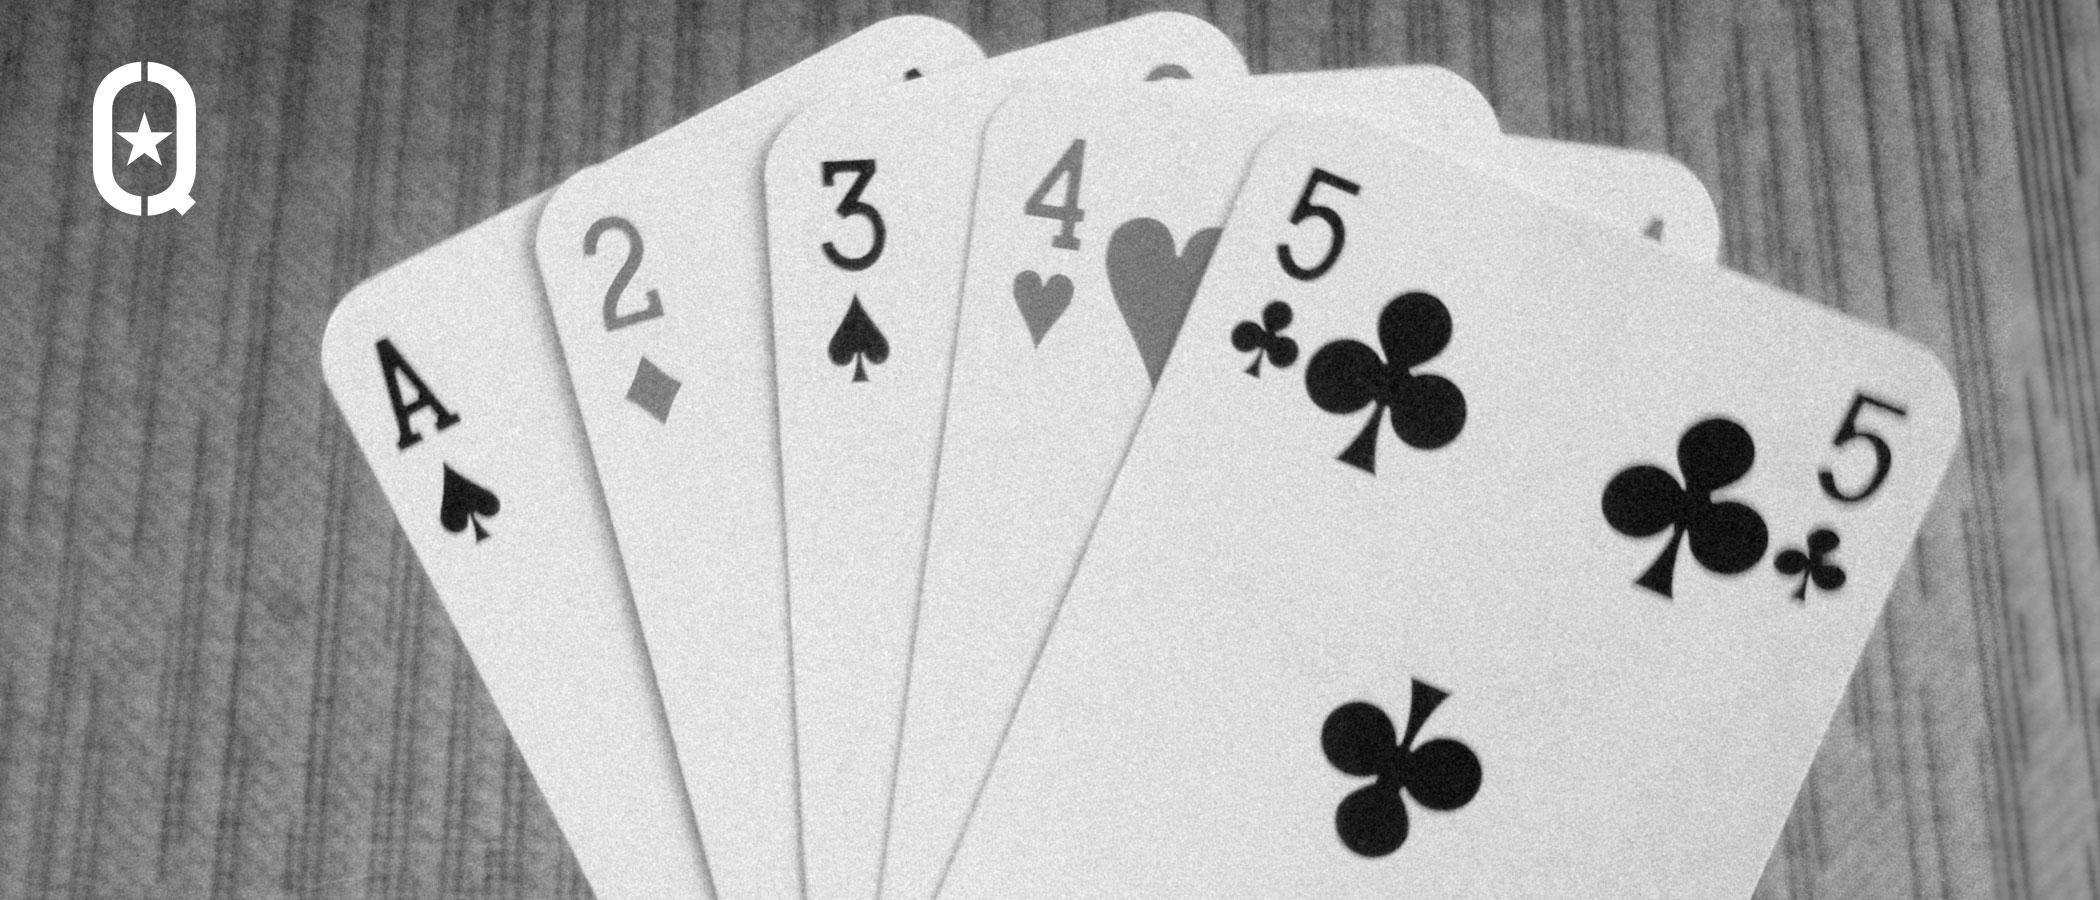 Regras de Truco e Buraco para jogar na quarentena